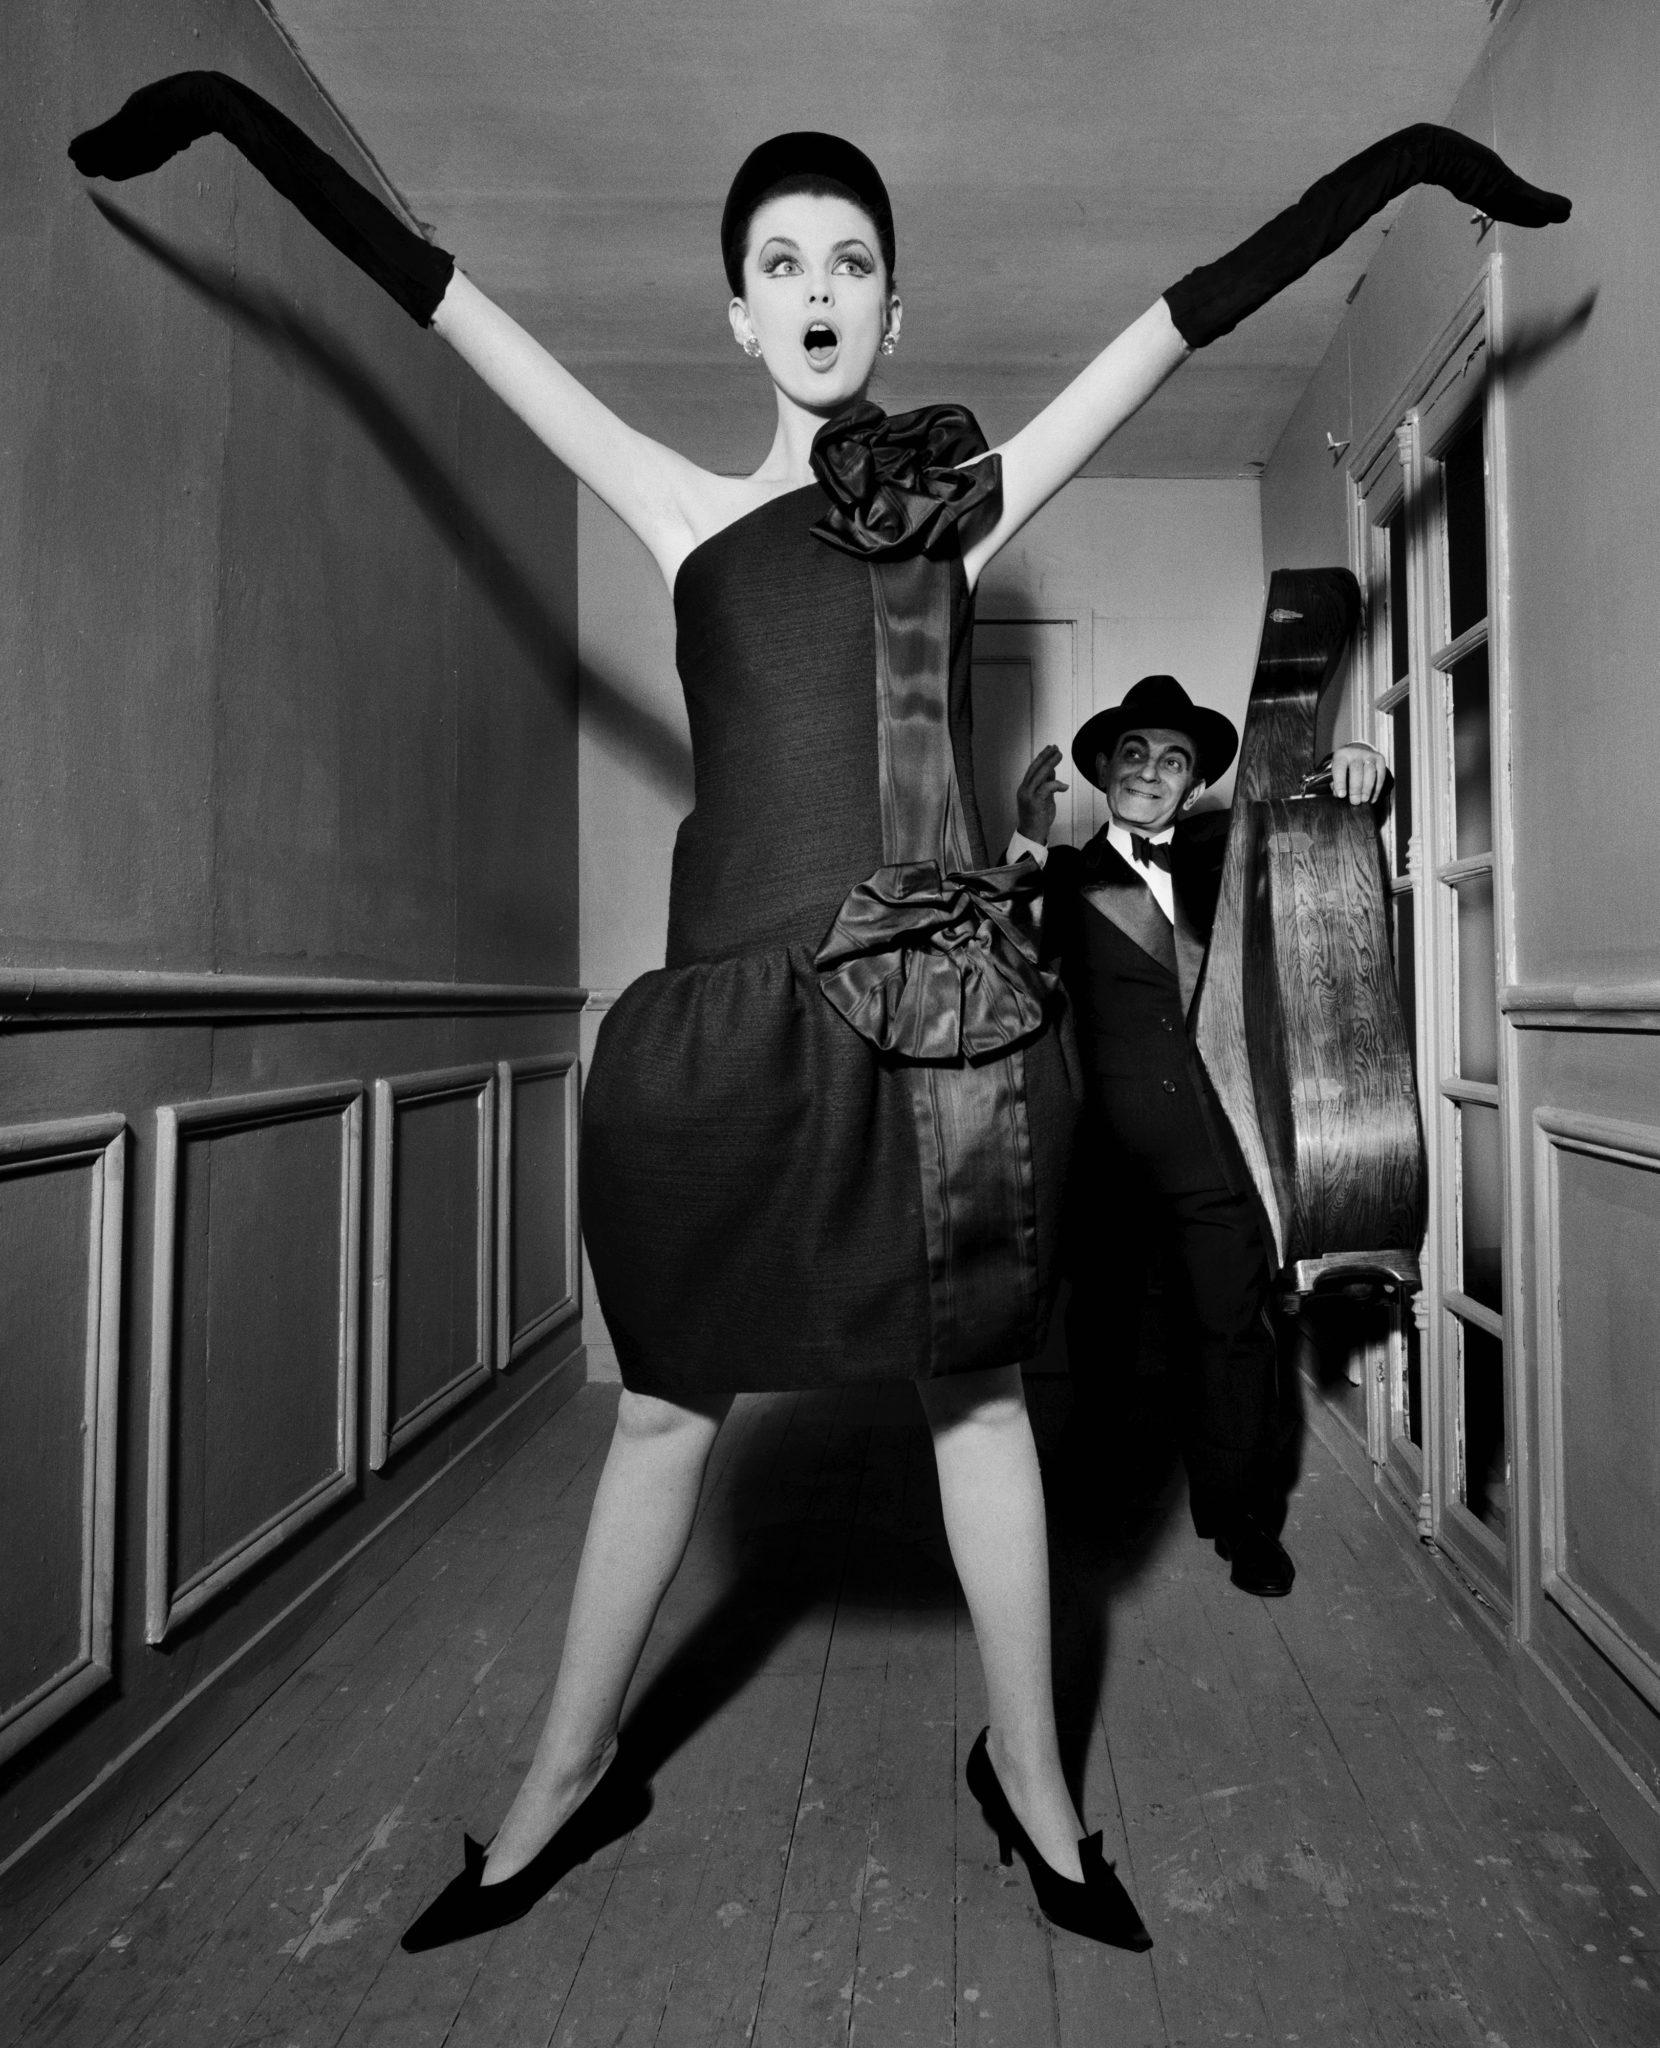 William Klein, Dorothy + Little Bara with a cello, Paris 1960, robe Moderato Cantabile, collection haute couture automne-hiver 1960, ligne Souplesse, légèreté, vie, Vogue US, 15 septembre 1960, modèles Dorothy McGowan et Little Bara © William Klein